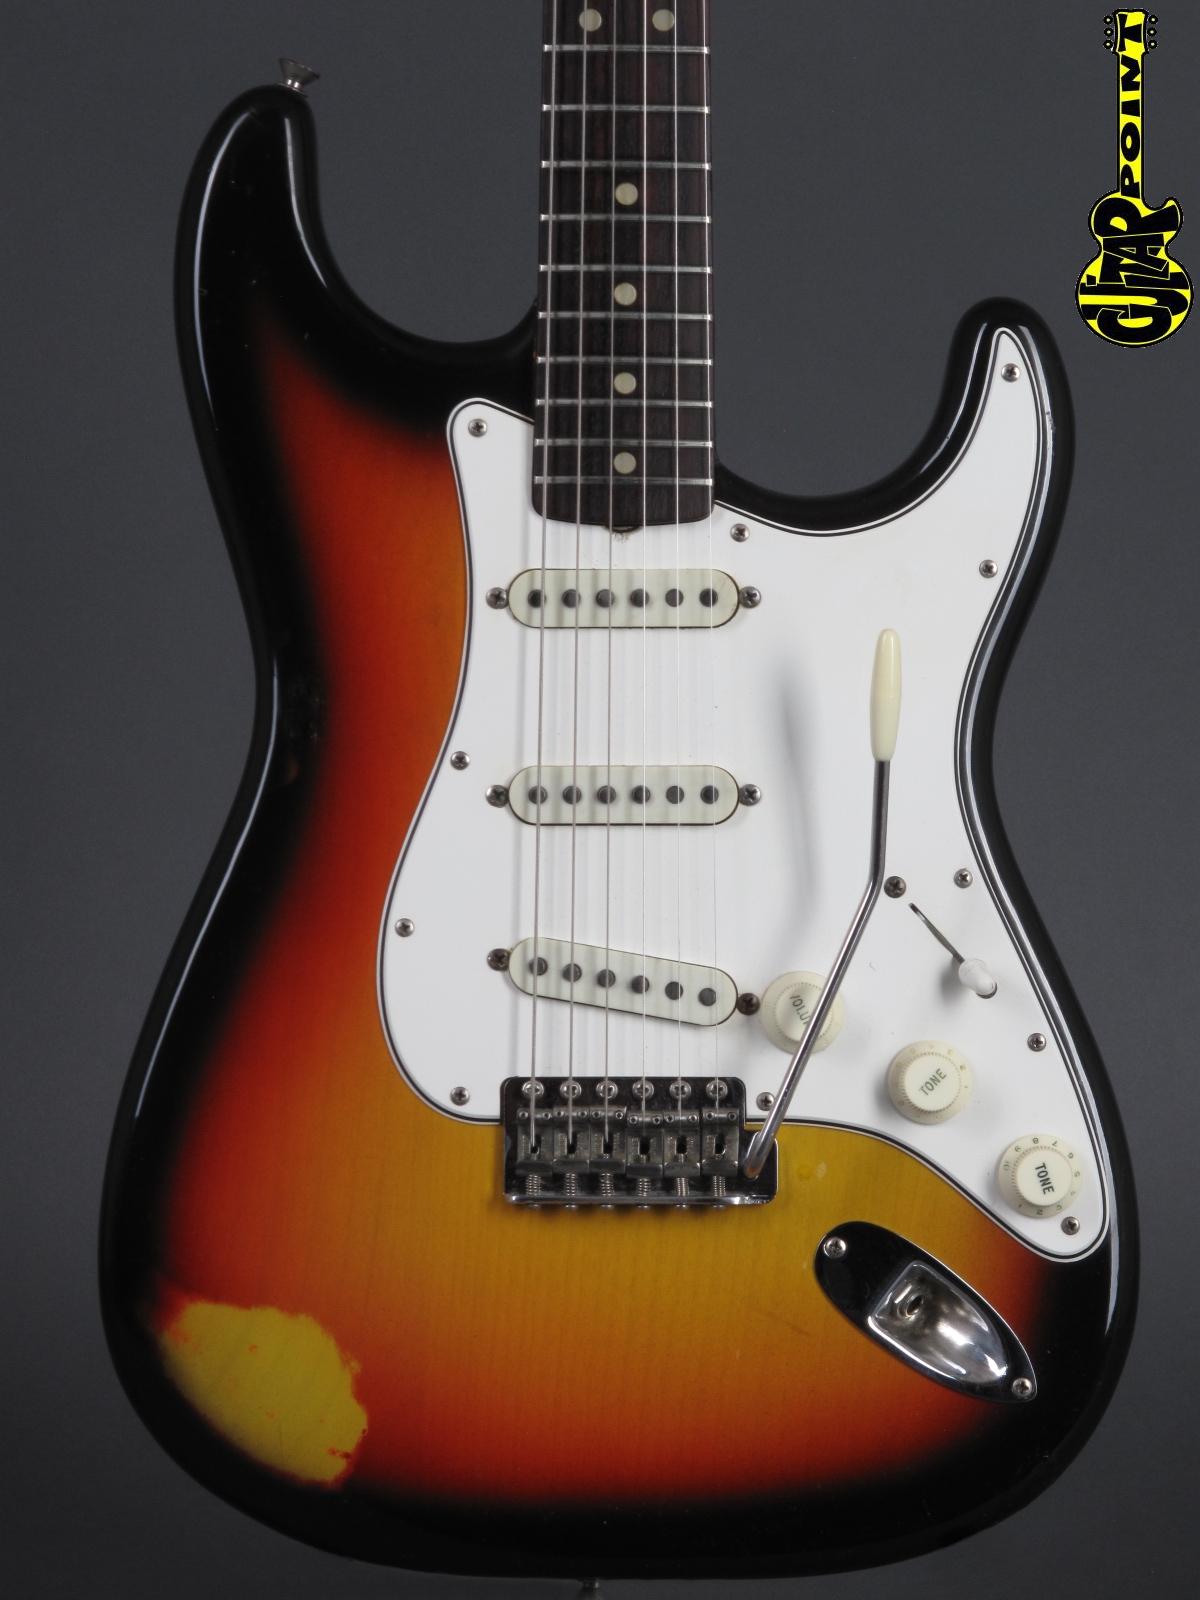 1965 Fender Stratocaster - 3t-Sunburst